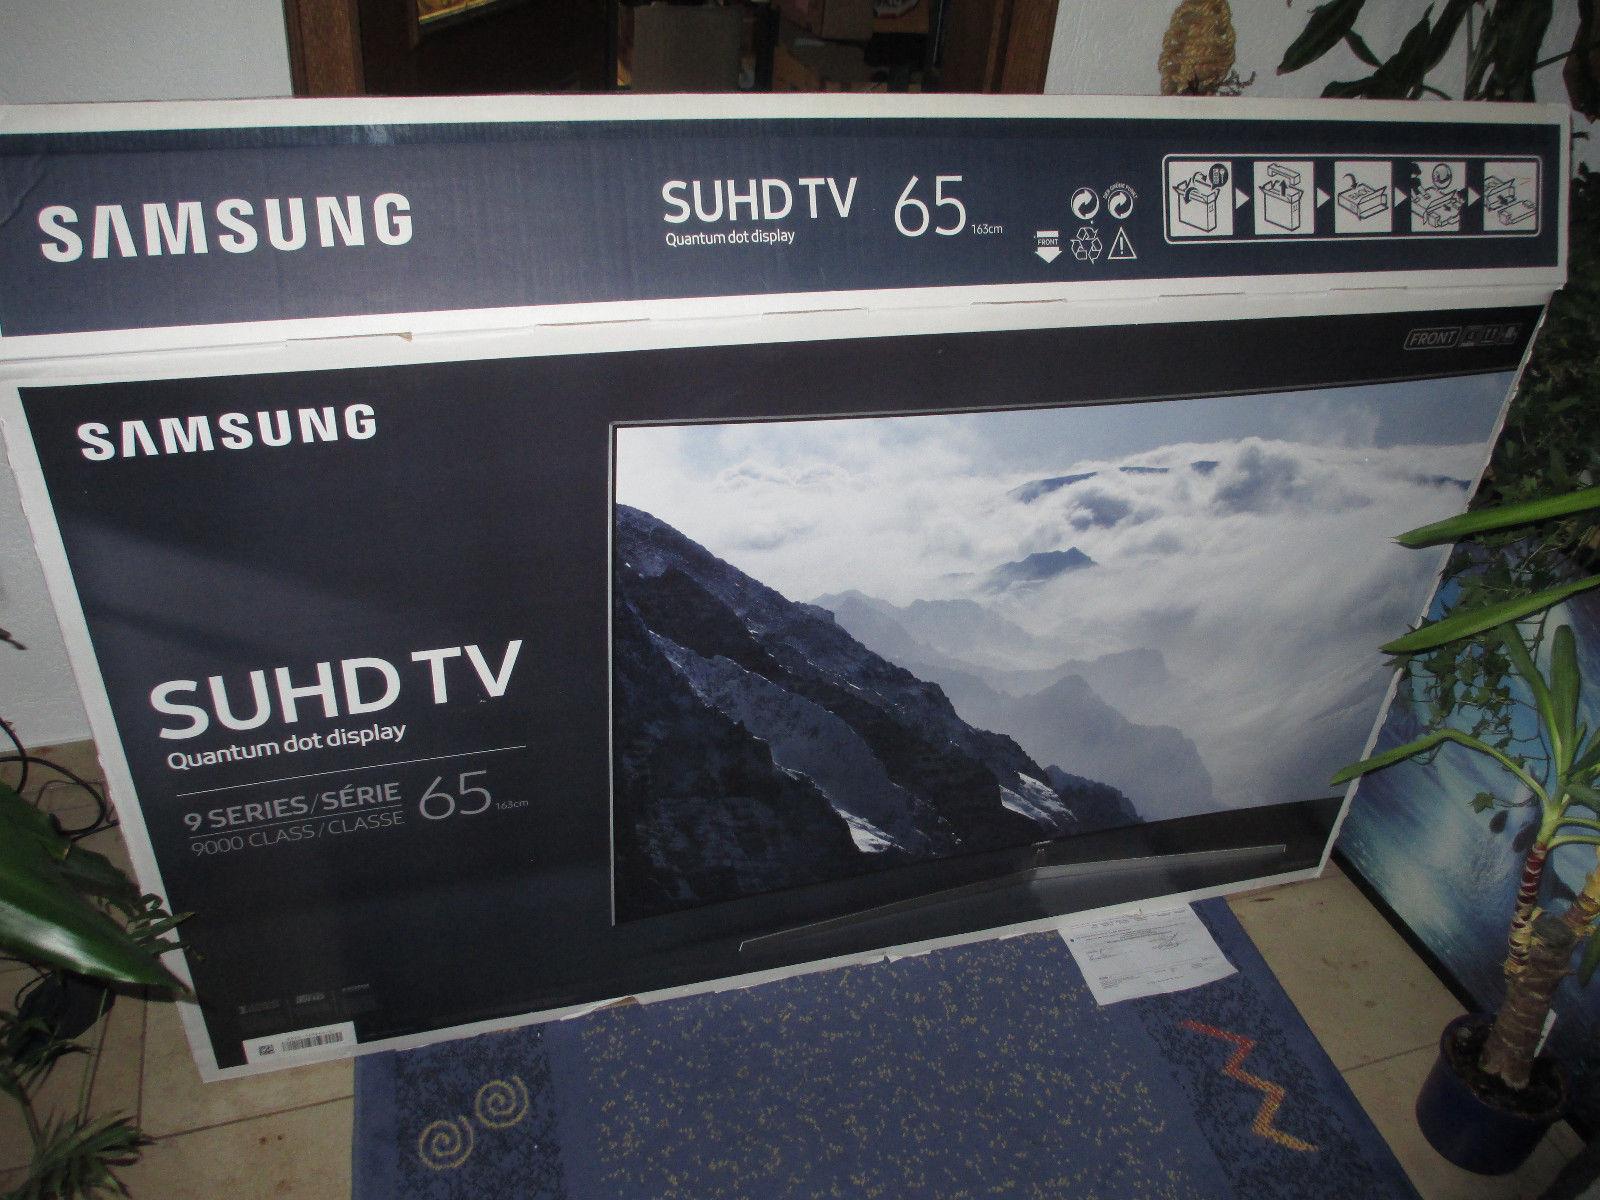 Samsung 4K 65 Zoll SUHD TV UE65KS9090T (deutsches Modell mit OVP +Restgarantie)